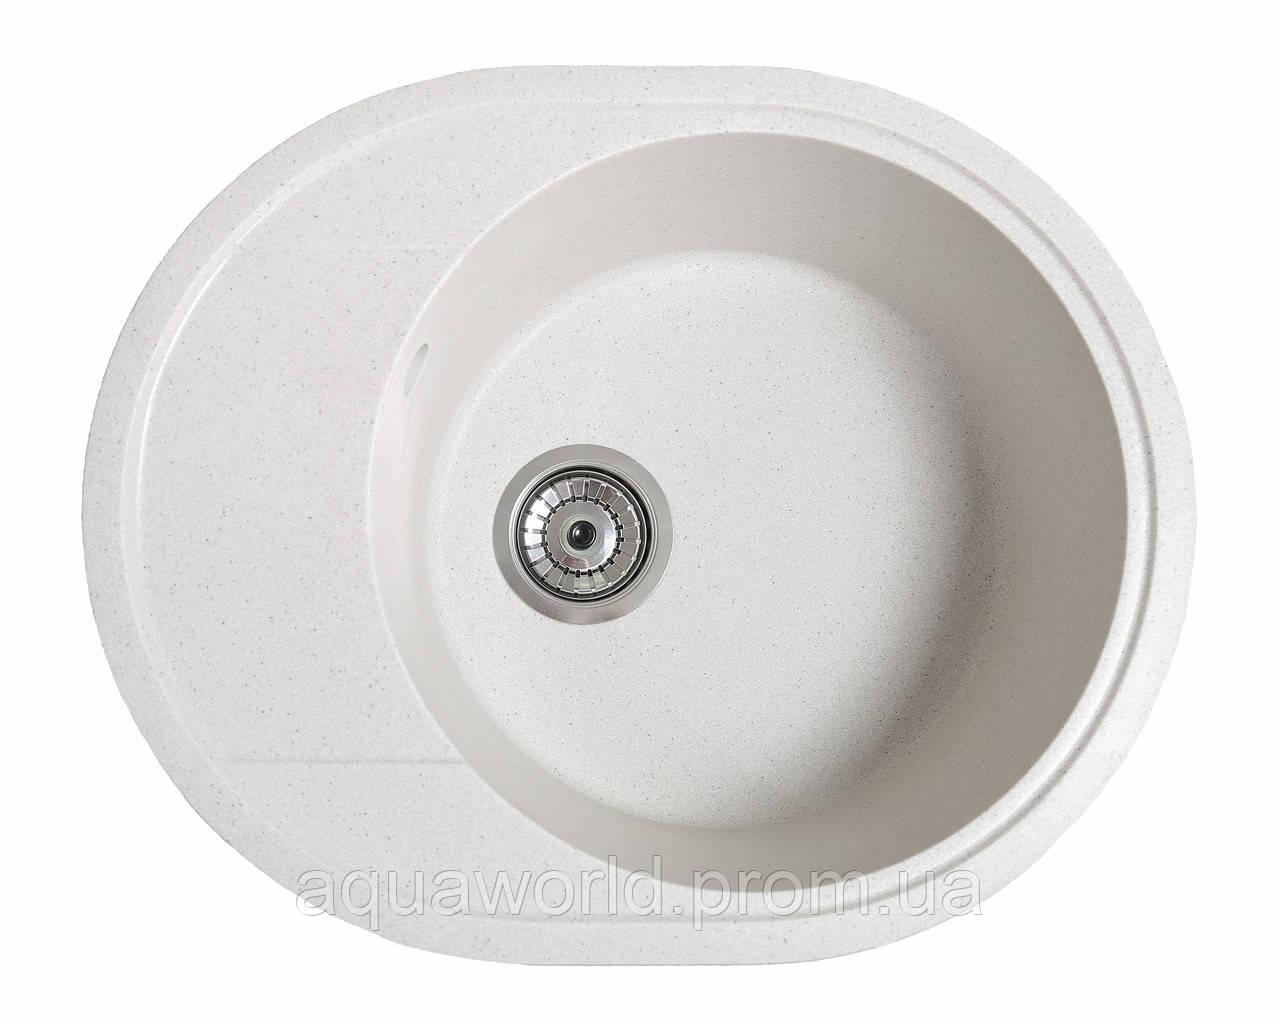 Мойка для кухни из камня Solid Comfy Белый